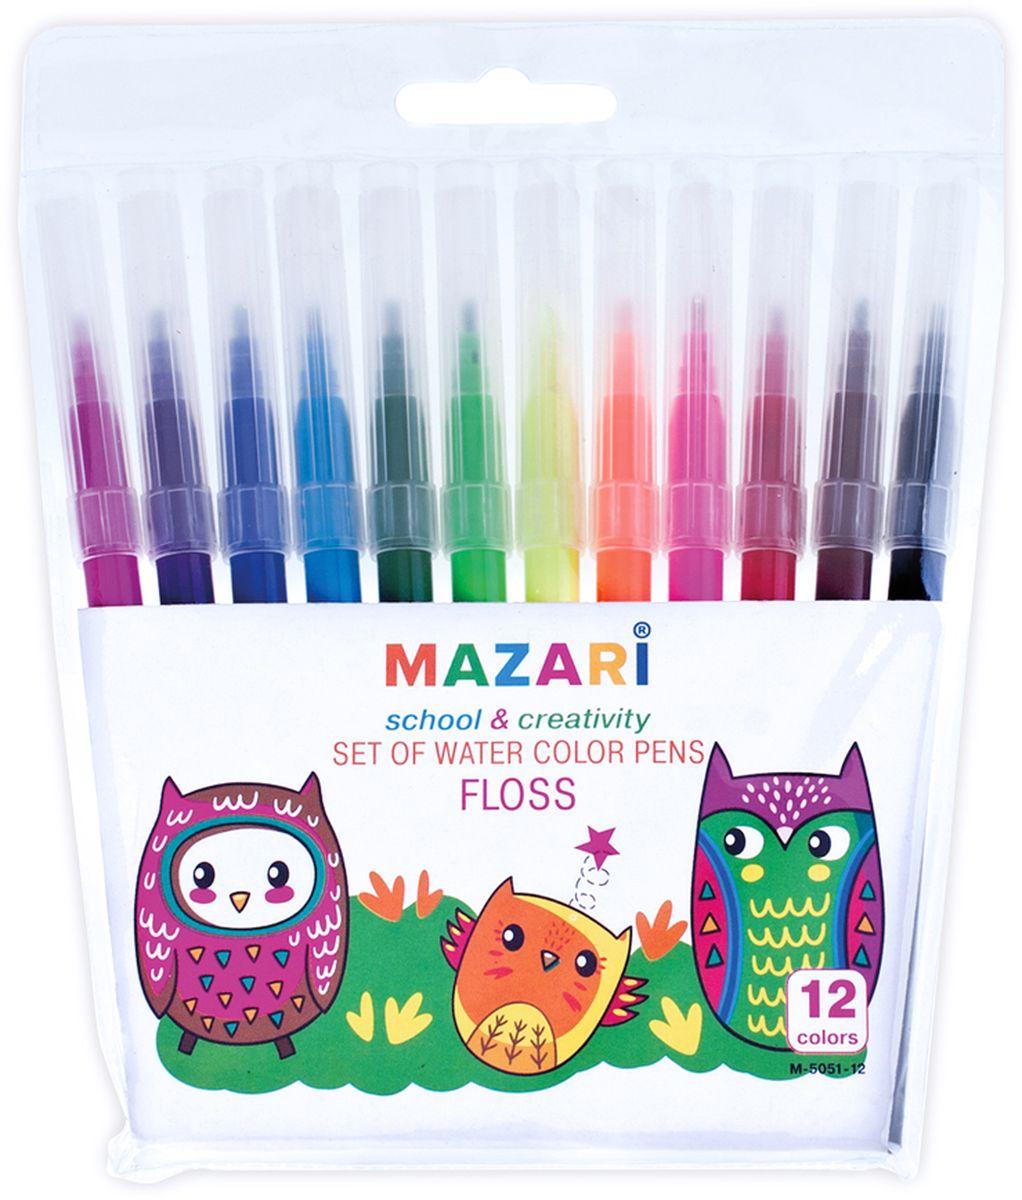 Mazari Набор фломастеров Floss 12 цветовМ-5051-12Фломастеры Floss, 12 цв.,вентилируемый колпачок,ПВХ-упаковка с европодвесом